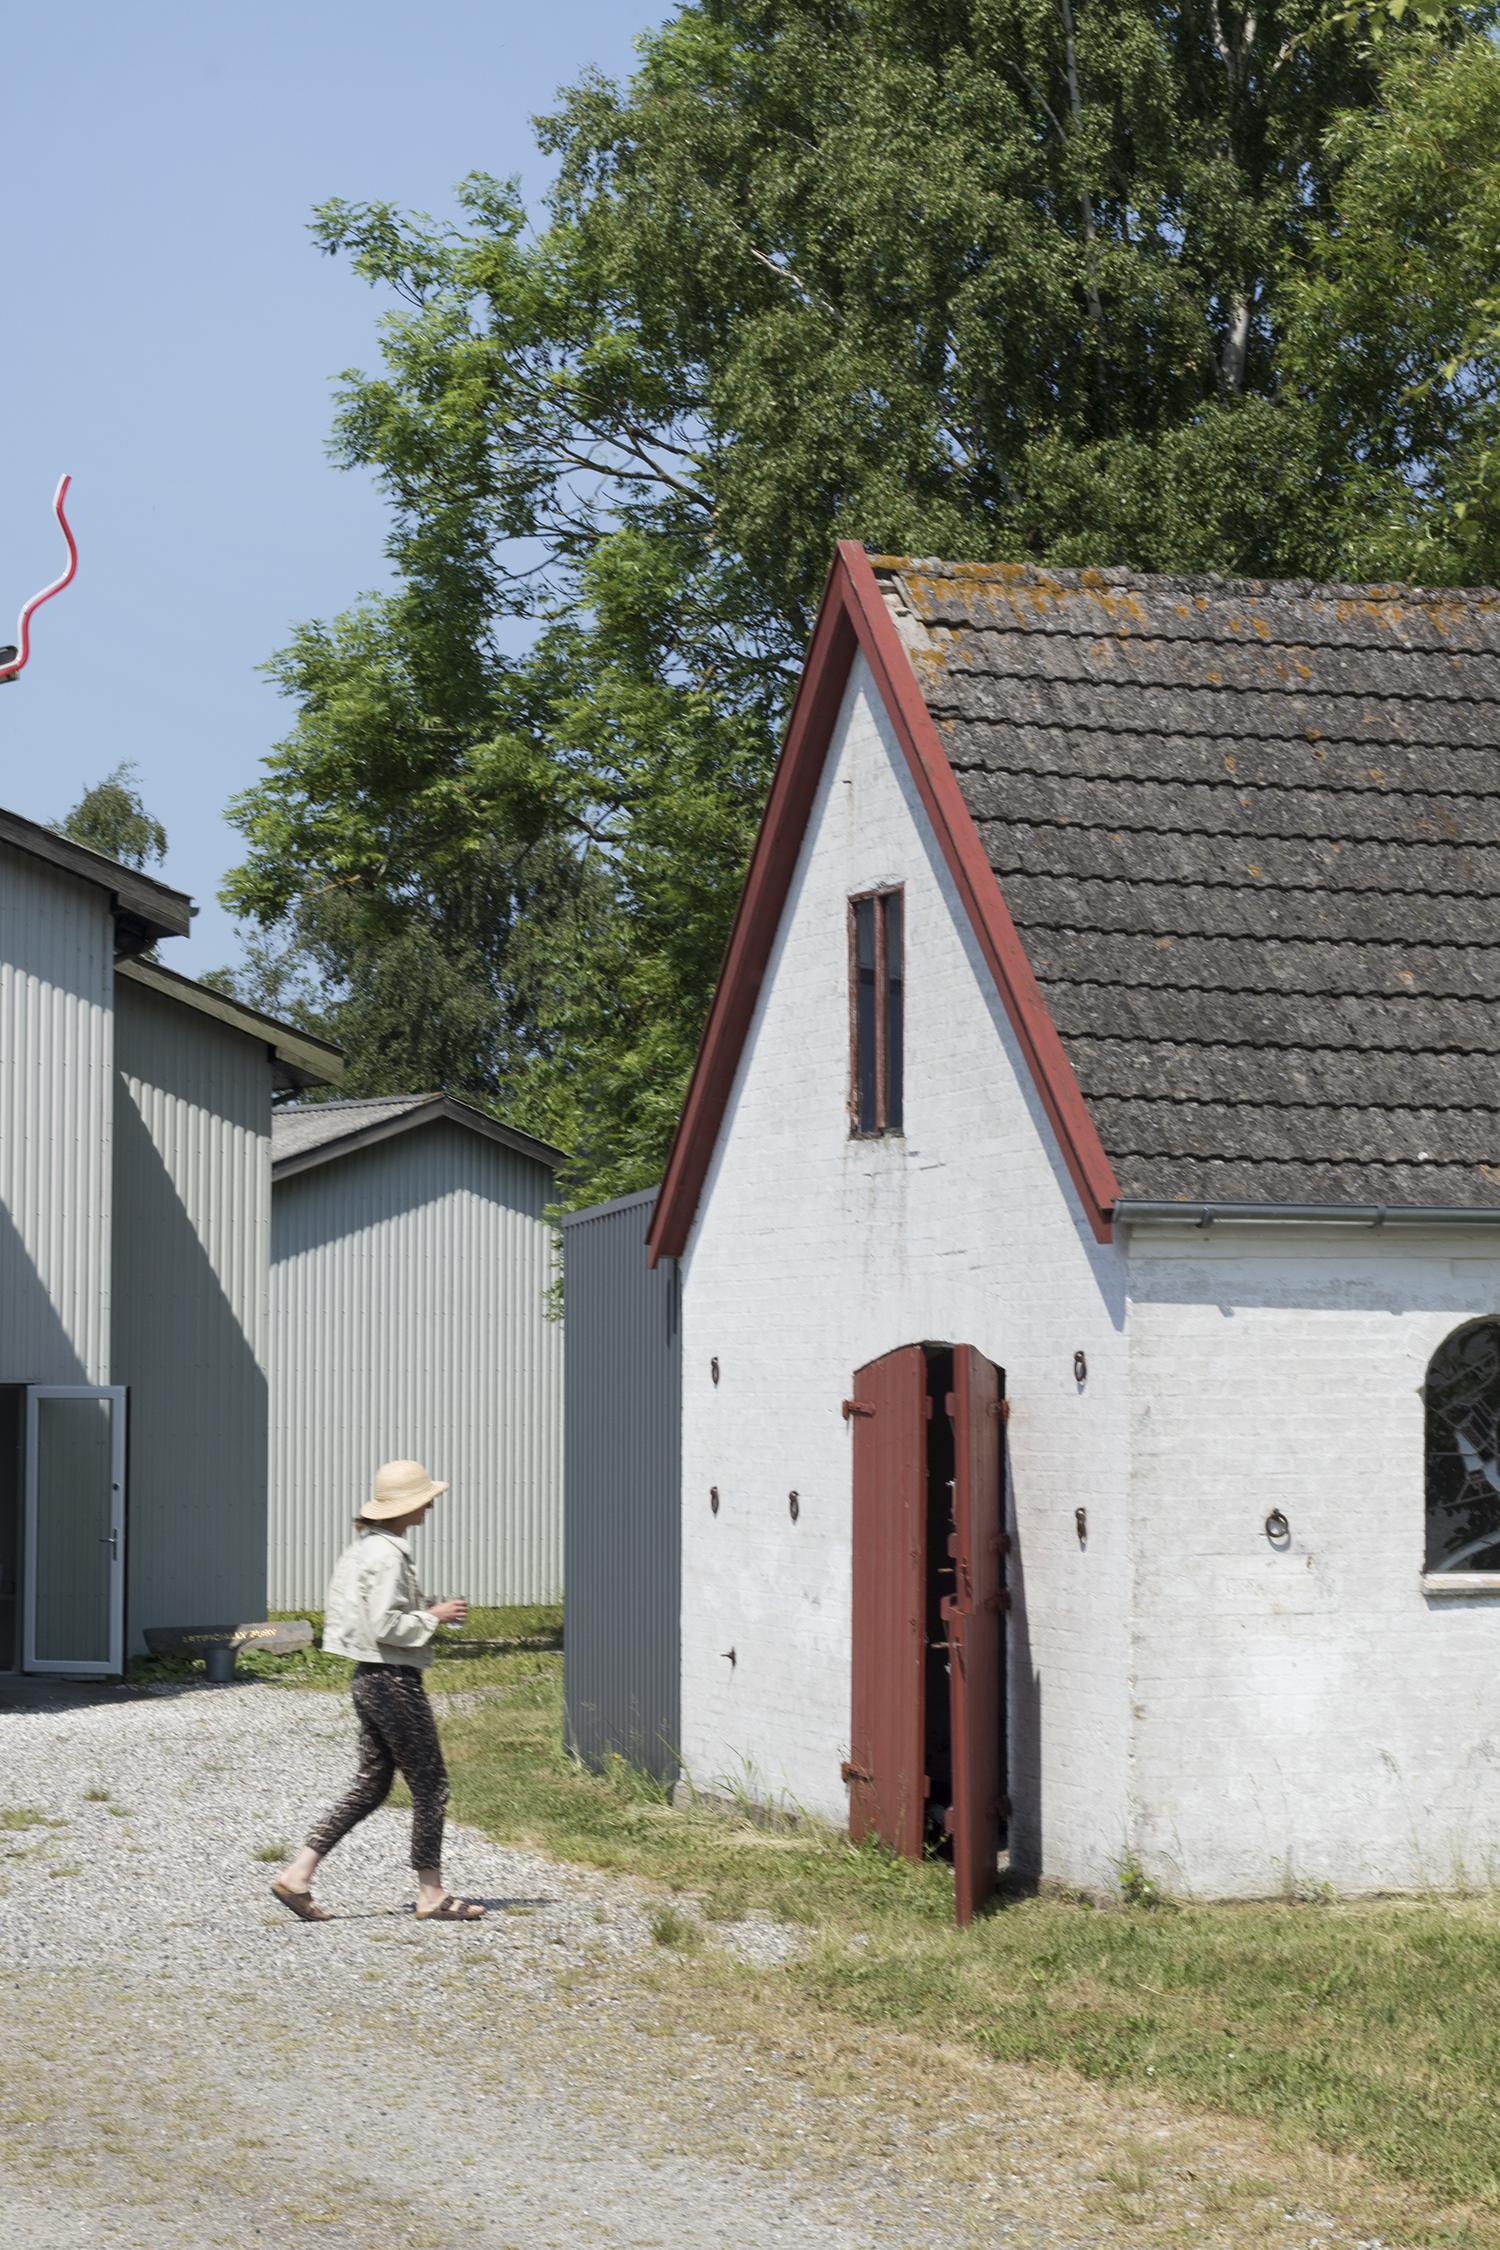 Signe Boe på vej ind i den gamle smedje, hvor hun har sin udstilling. Foto © I DO ART Agency.